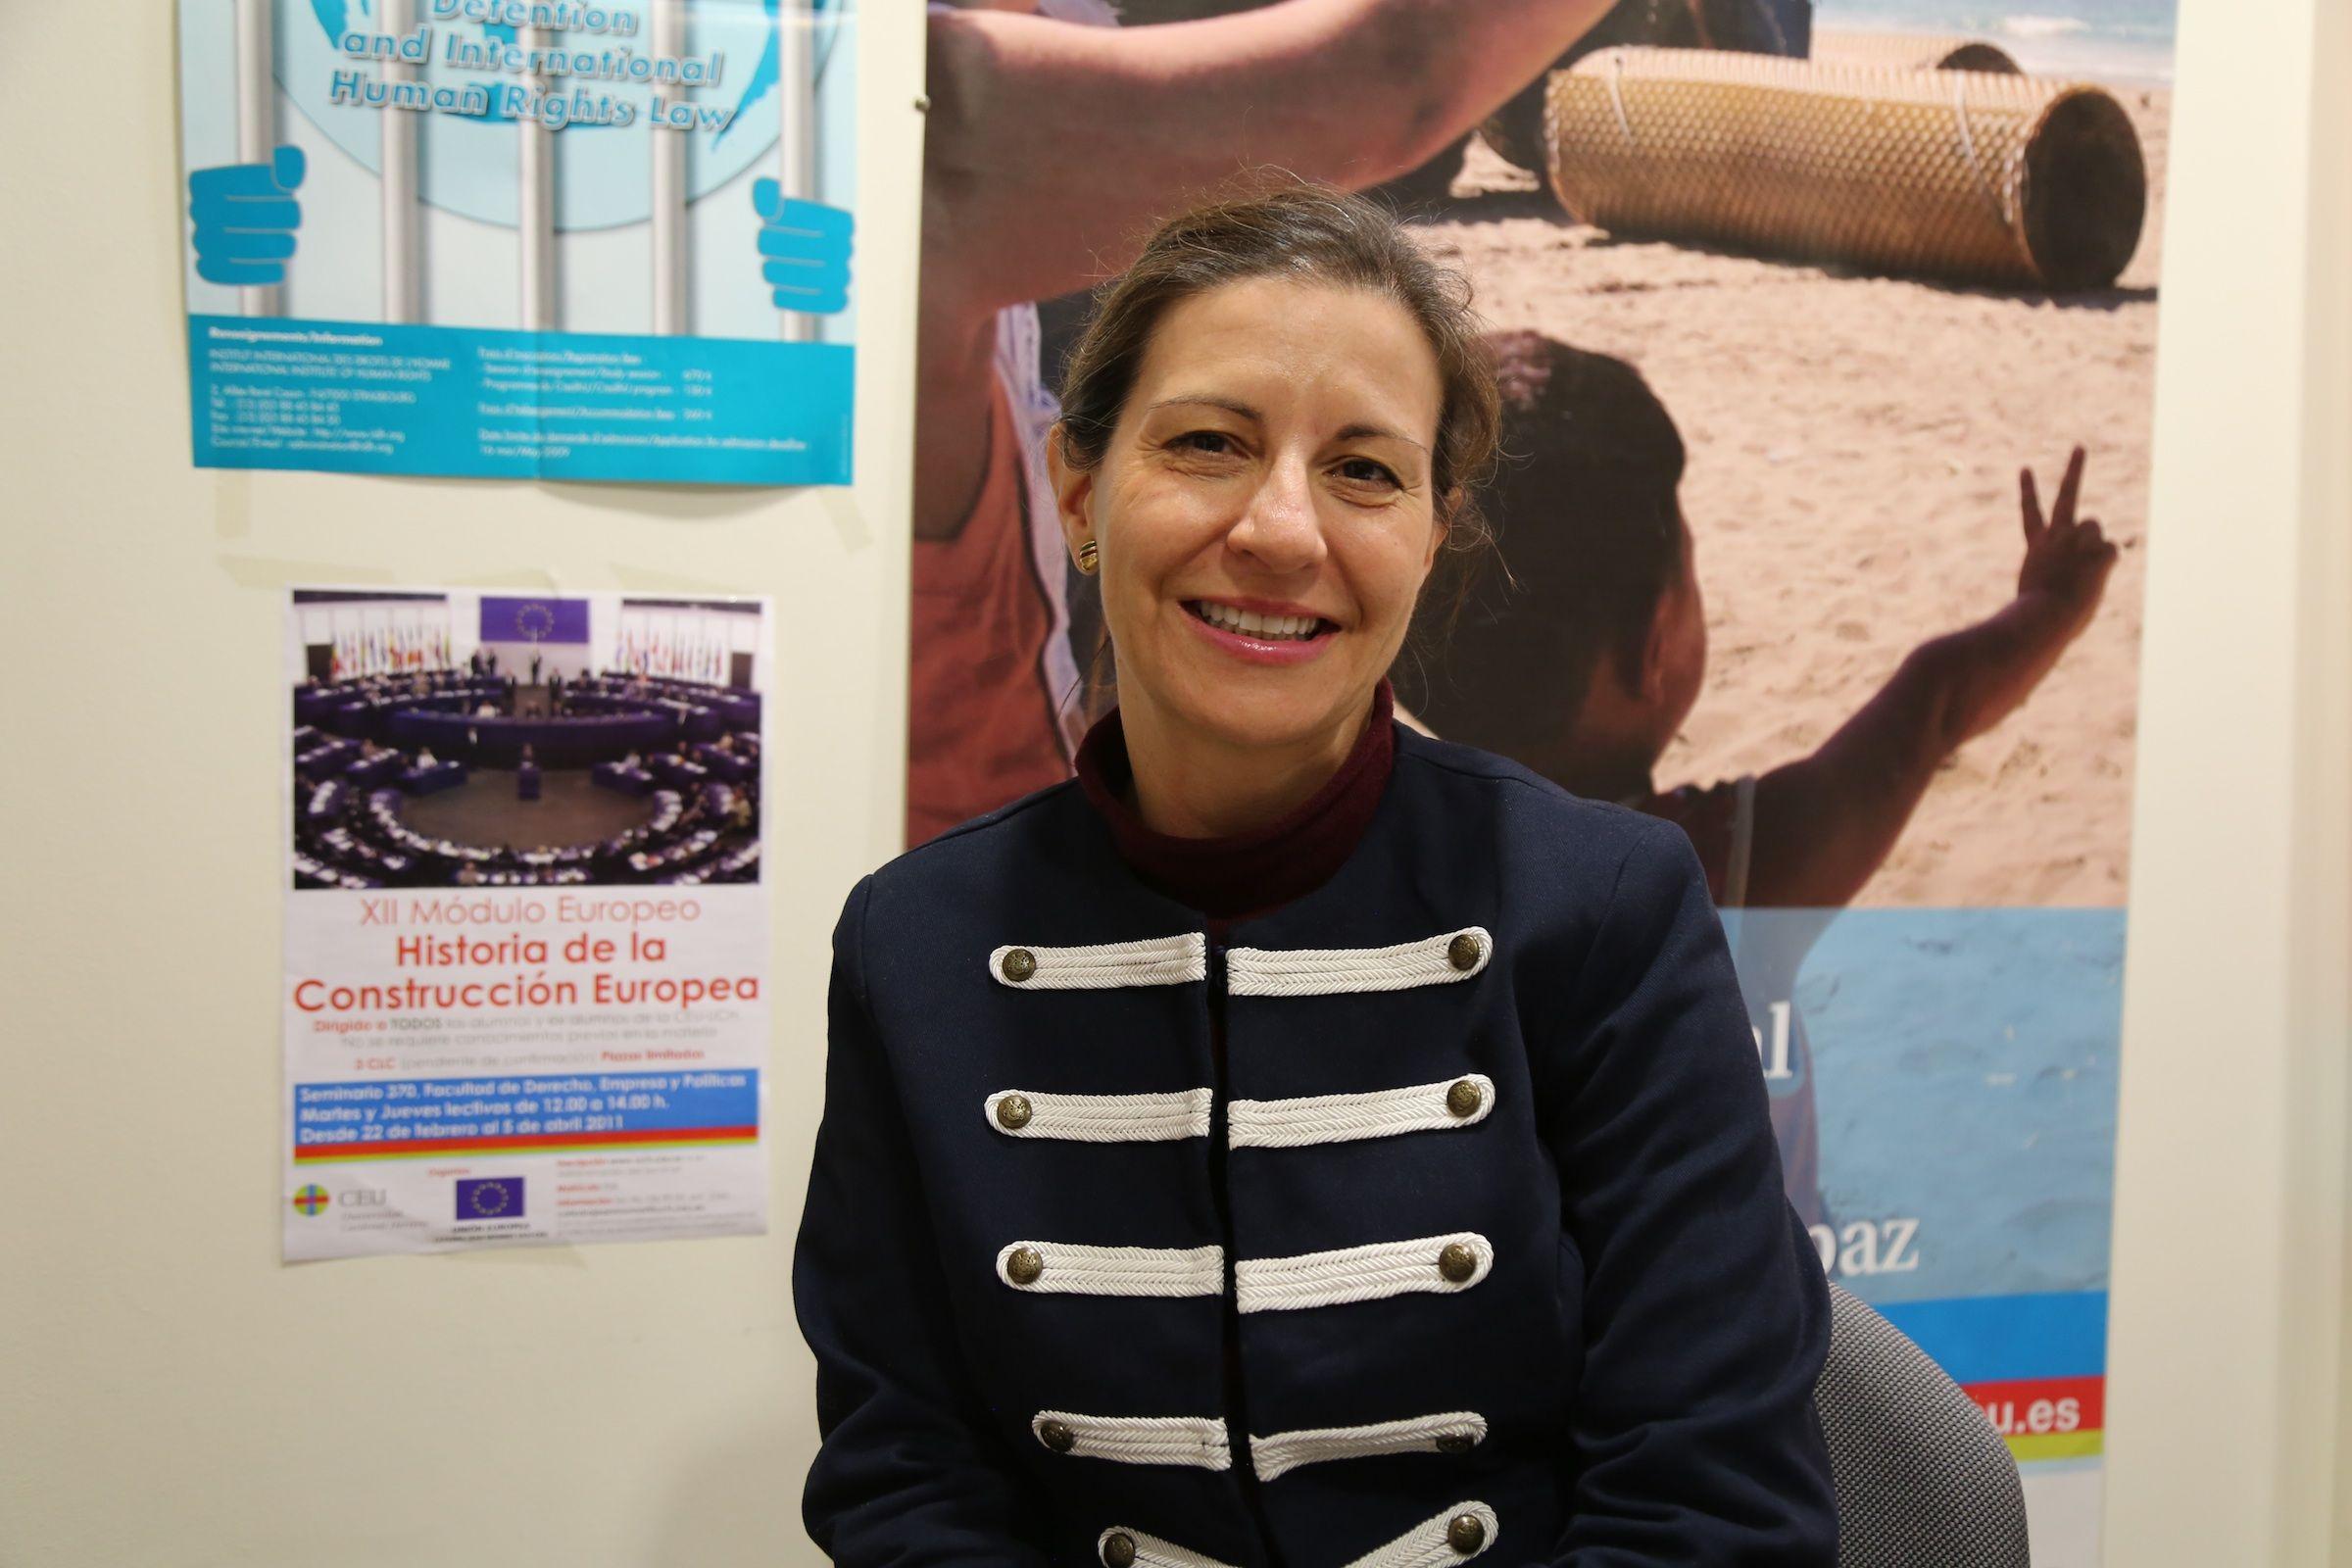 La catedrática de Derecho Internacional de la CEU UCH, Susana Sanz Caballero, titular de la Cátedra Jean Monnet sobre la Europa de los valores y los Derechos Humanos.